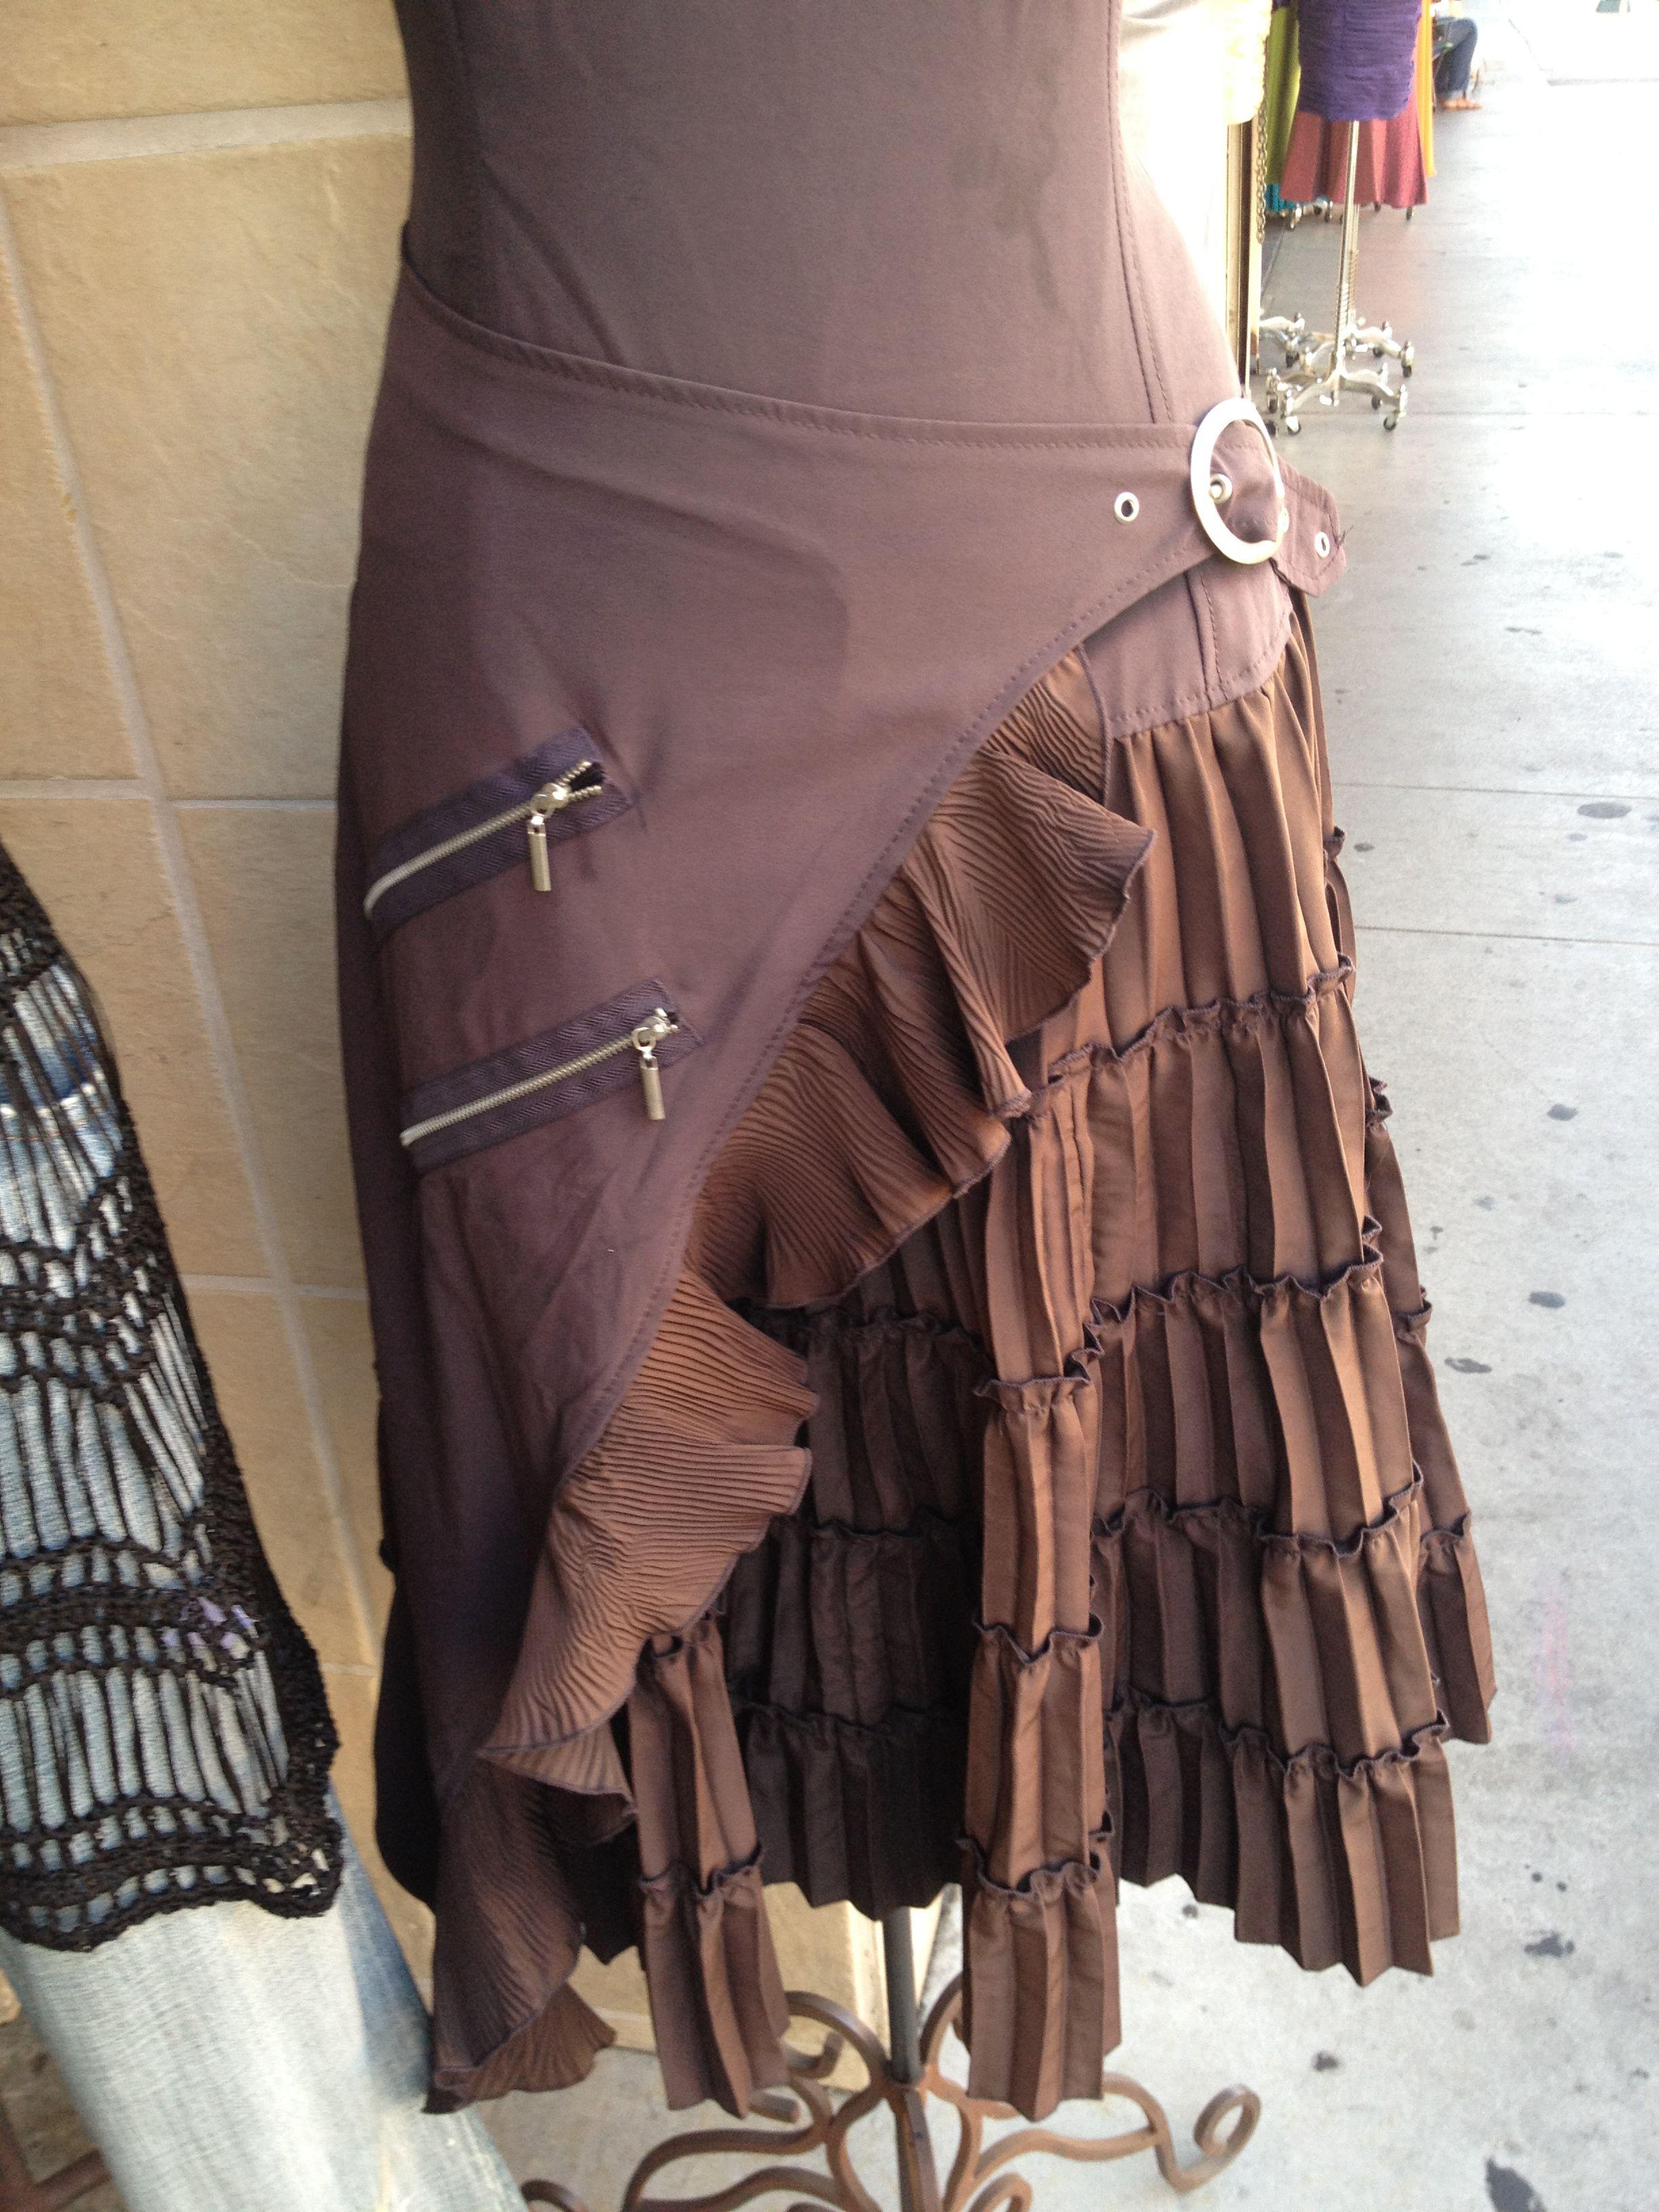 ruffled, utility belt skirt